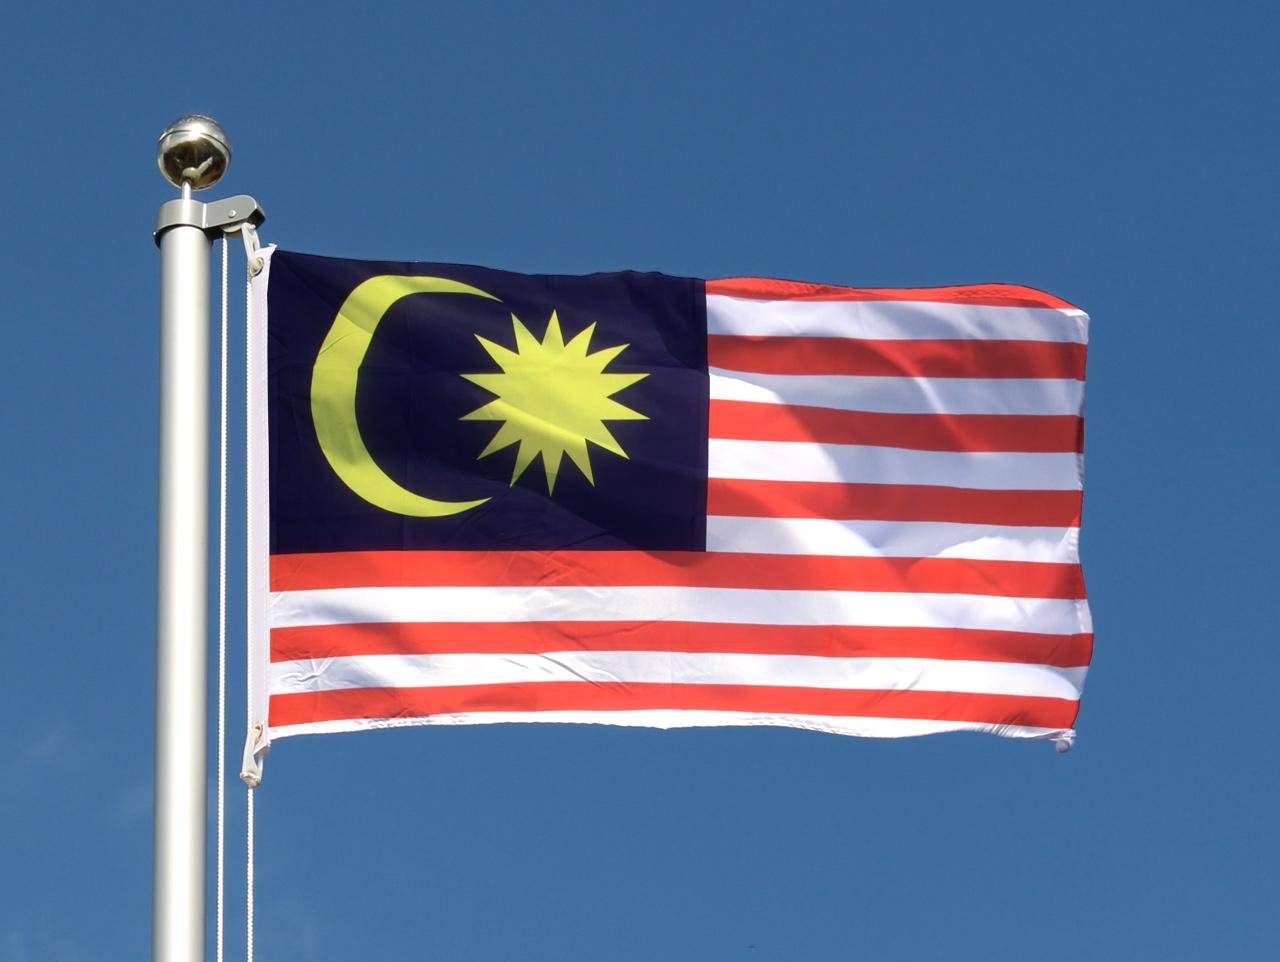 Drapeau pas cher malaisie 60 x 90 cm monsieur des drapeaux for Drapeau publicitaire exterieur pas cher